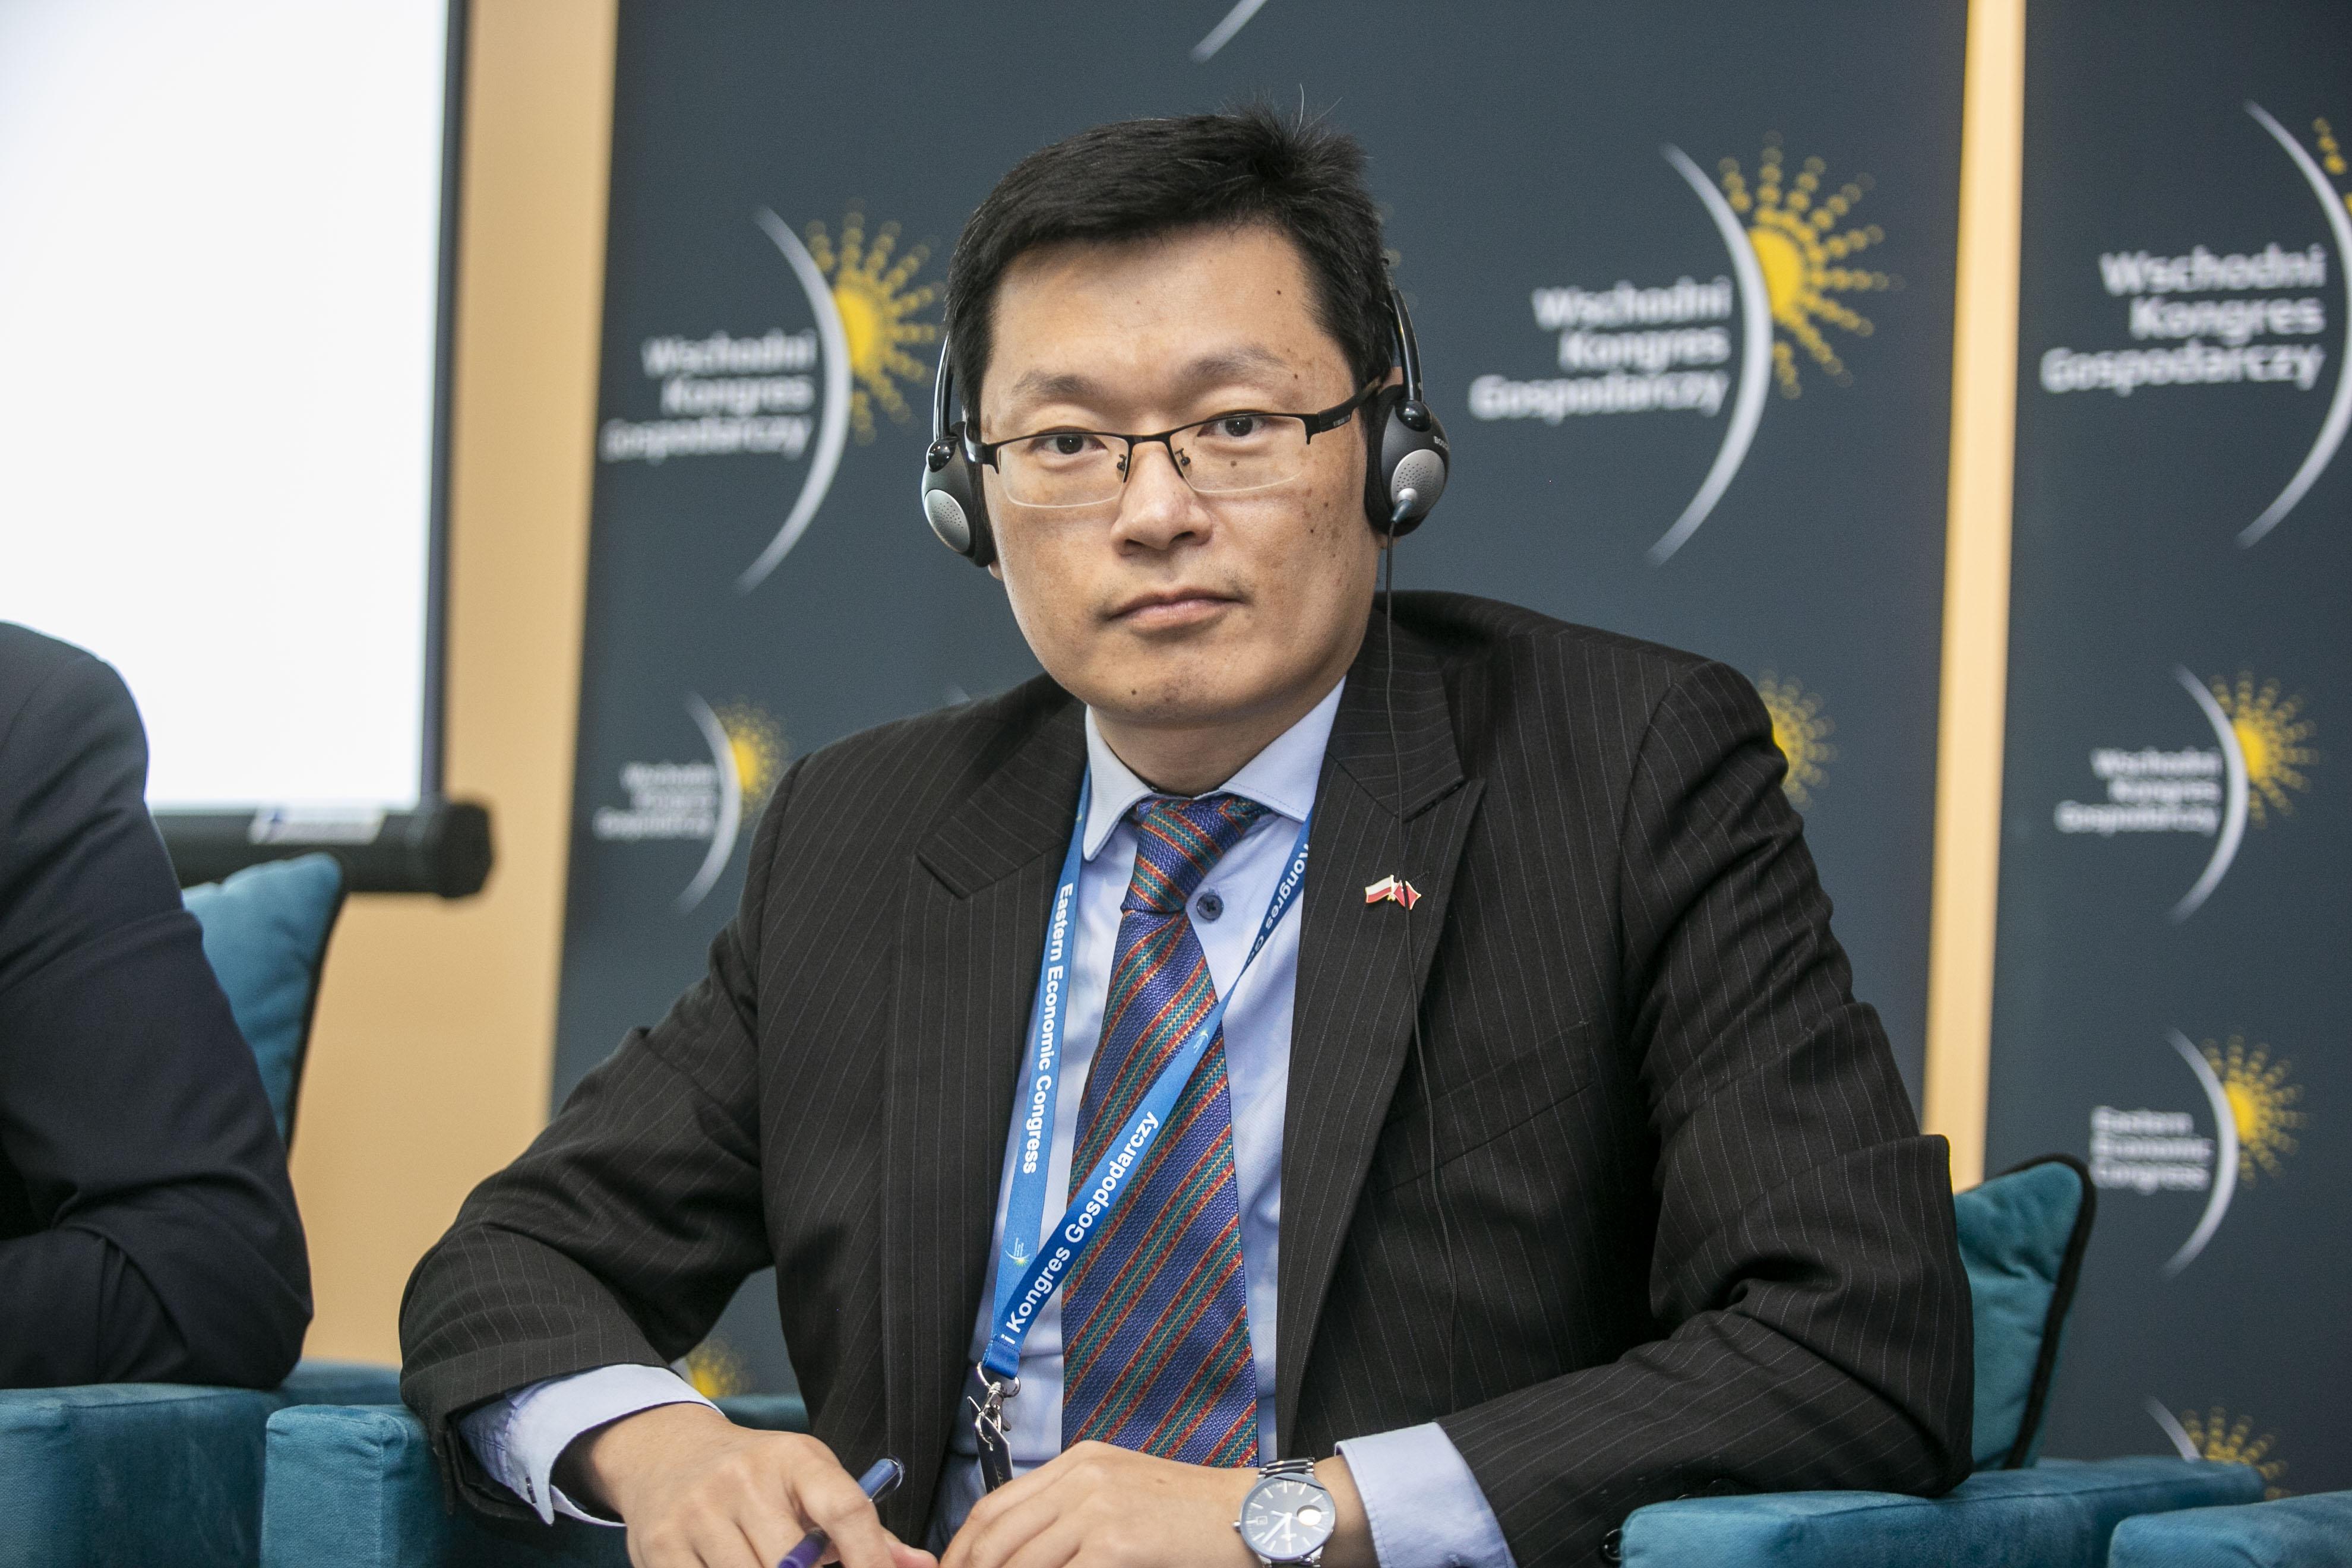 Hao Wang, I sekretarz handlowy ambasady ChRl w RP.